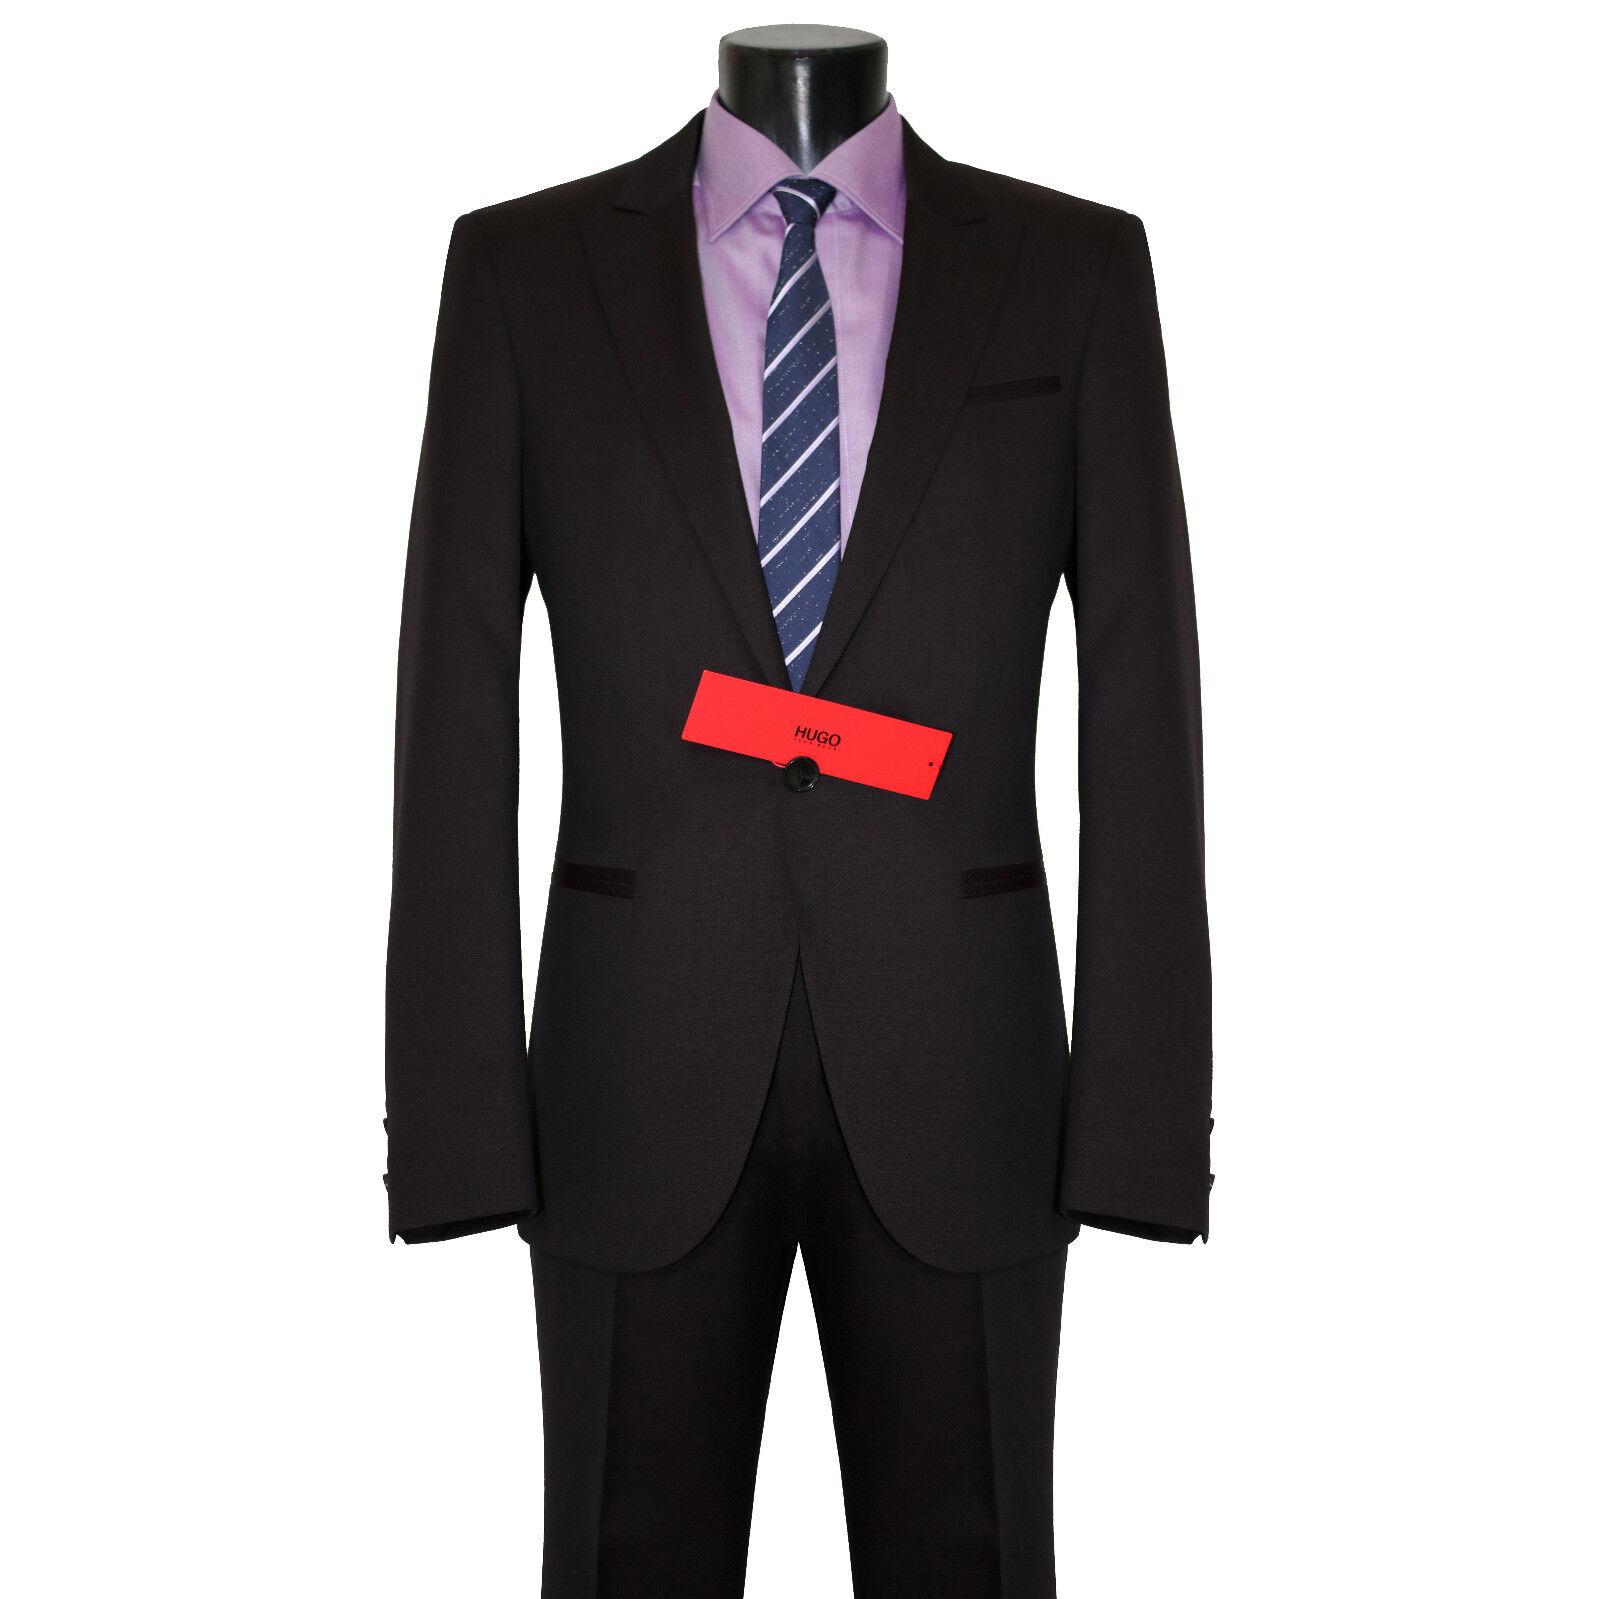 HUGO by HUGO BOSS Geschäft-Anzug Anzug Adgin/Hiels Gr. 48 NEU